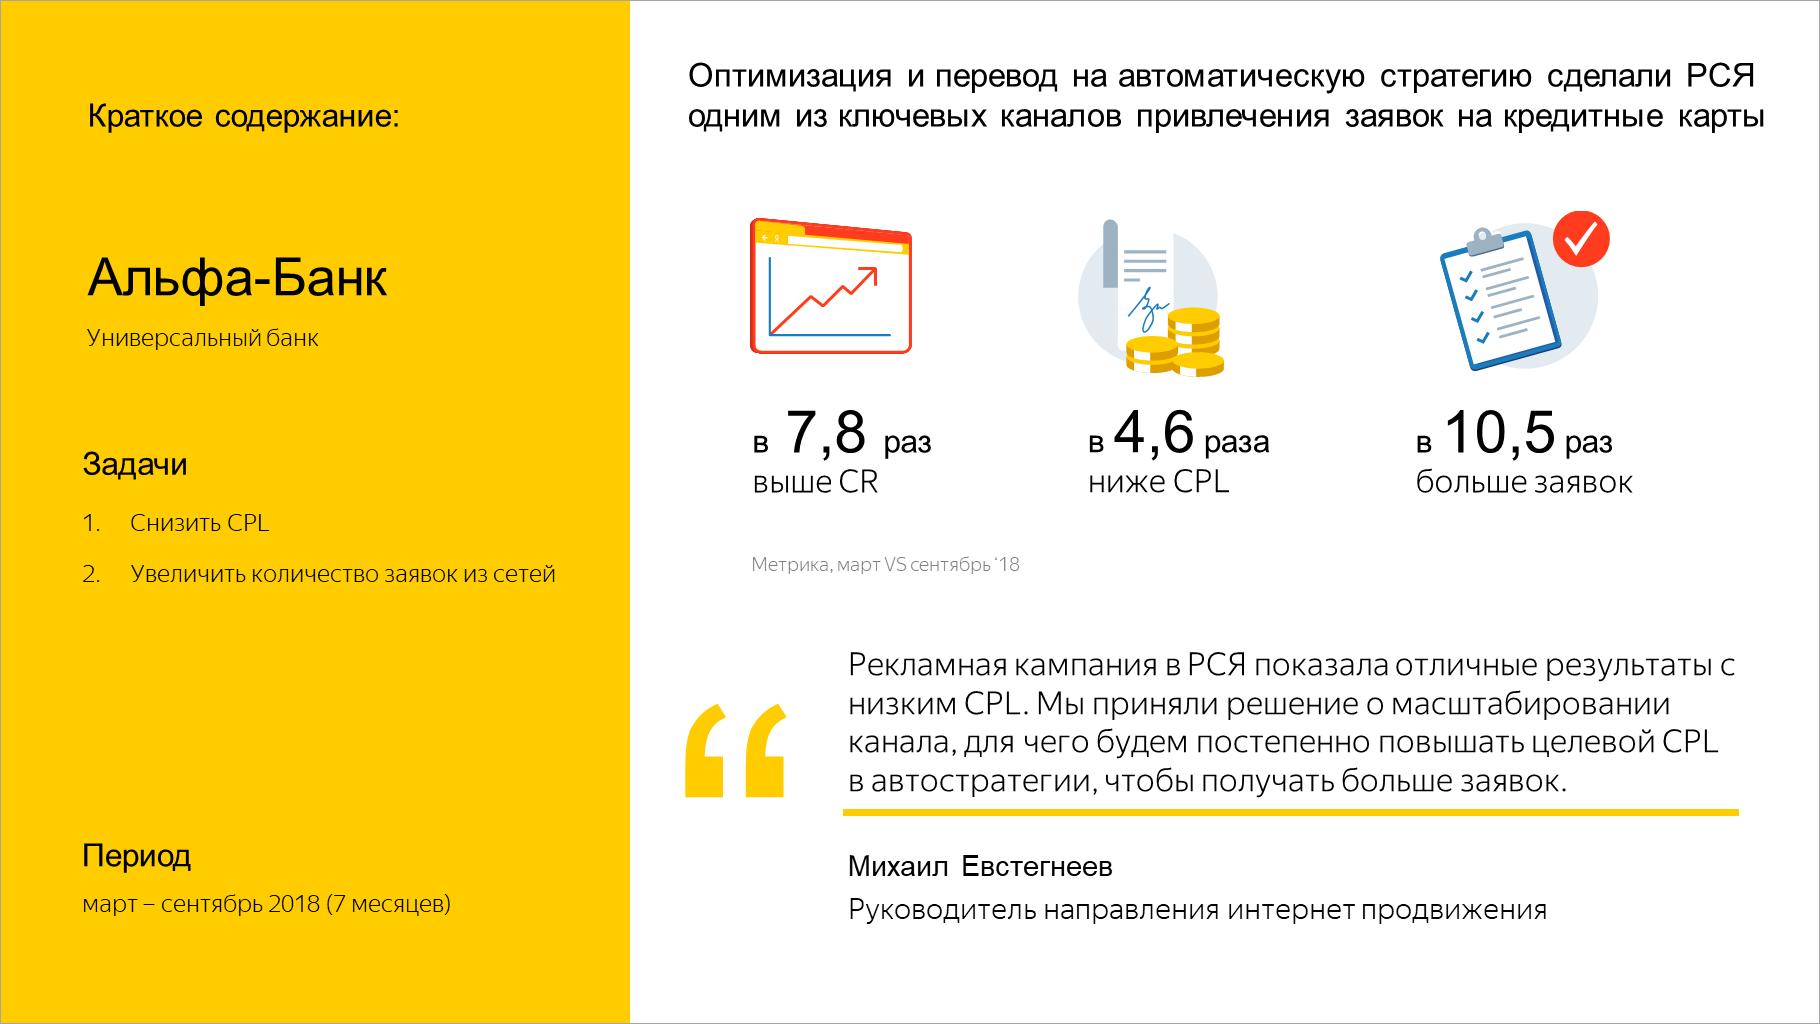 Оптимизация и перевод на автоматическую стратегию сделали РСЯ одним из ключевых каналов привлечения заявок на кредитные карты